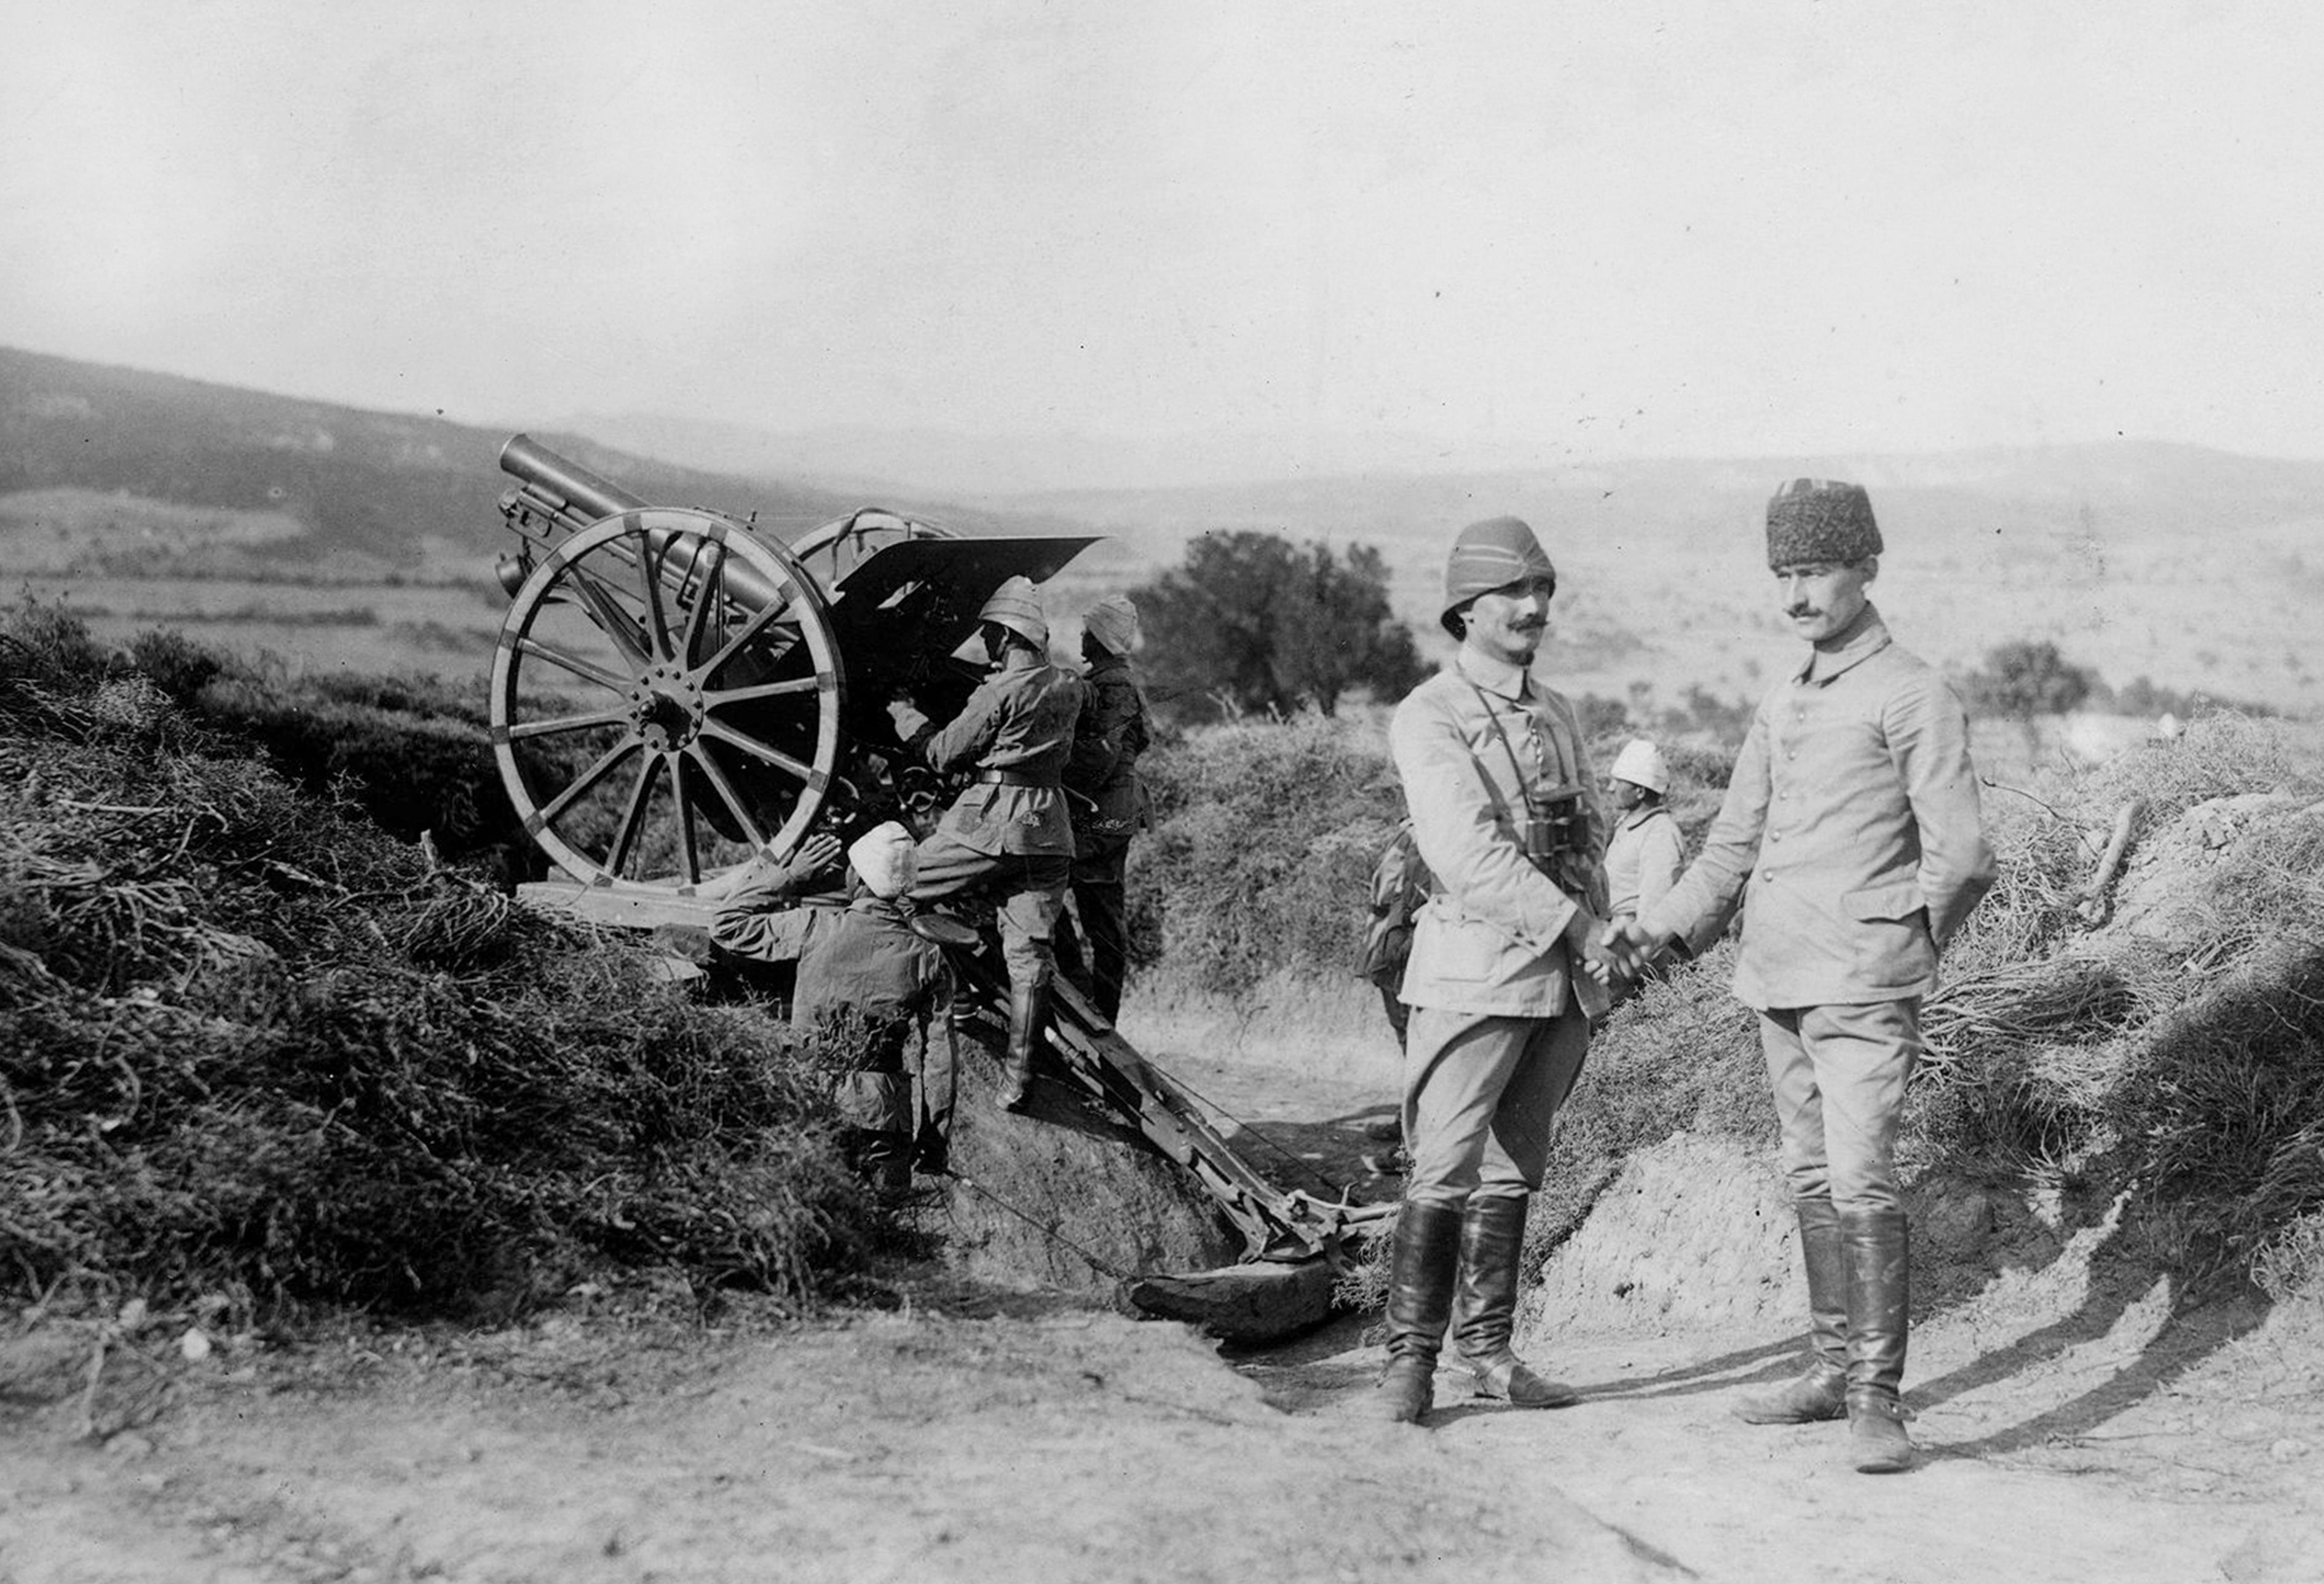 Bitka kod Galipolja 1915: I misterija i pokazna vežba male vojske